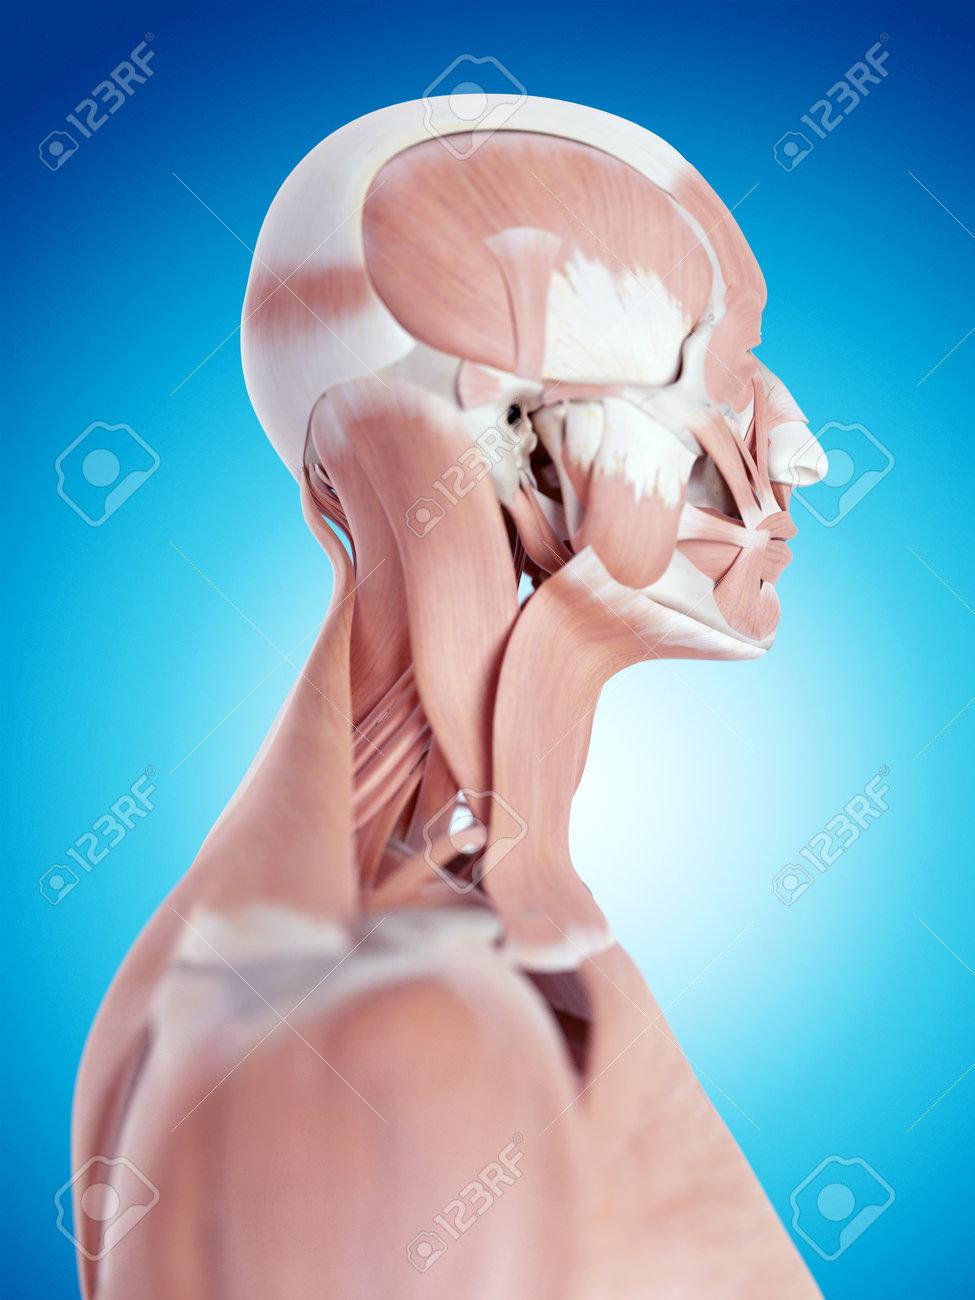 Asombroso Anatomía Del Cuello Y La Garganta Patrón - Anatomía de Las ...